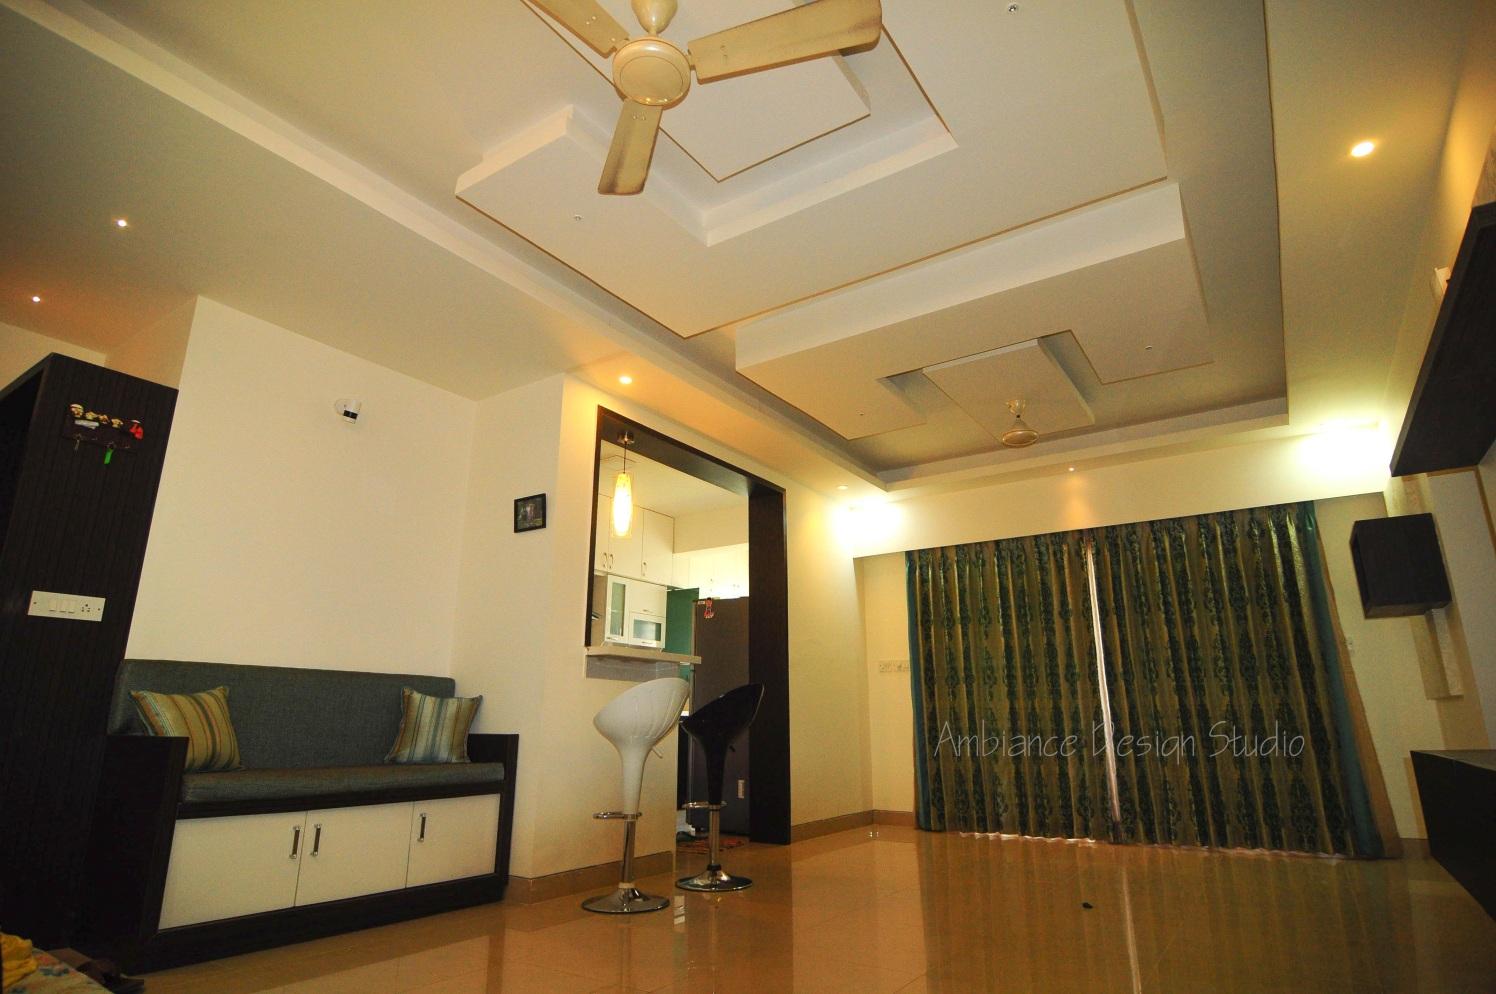 The Tones of Gray by Manasa Bharadwaj Living-room Contemporary | Interior Design Photos & Ideas